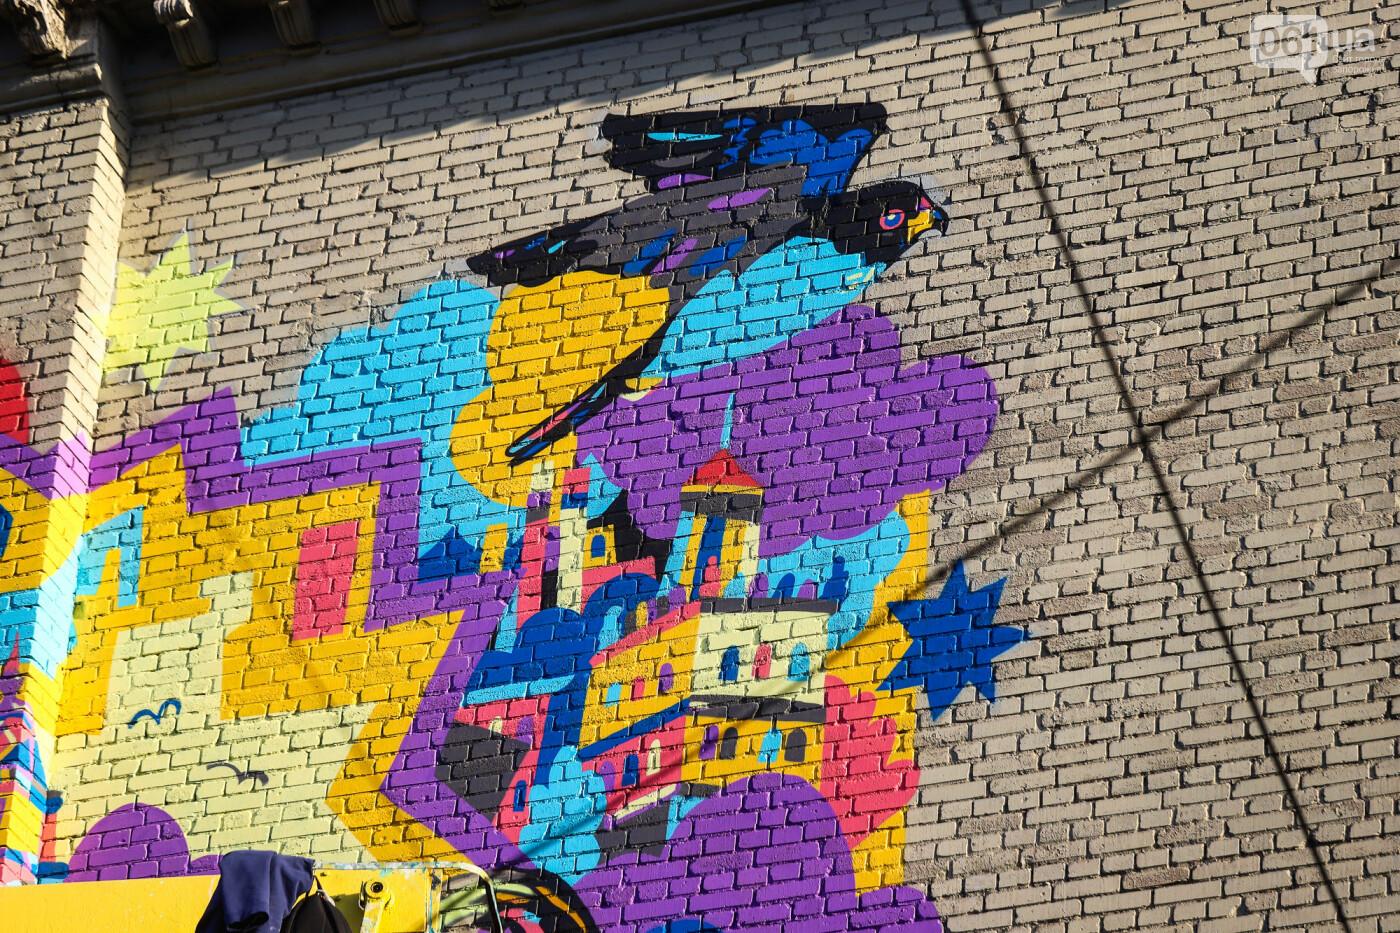 Художник из Нью-Йорка нарисовал мурал к 250-летию Запорожья - ФОТОРЕПОРТАЖ , фото-20